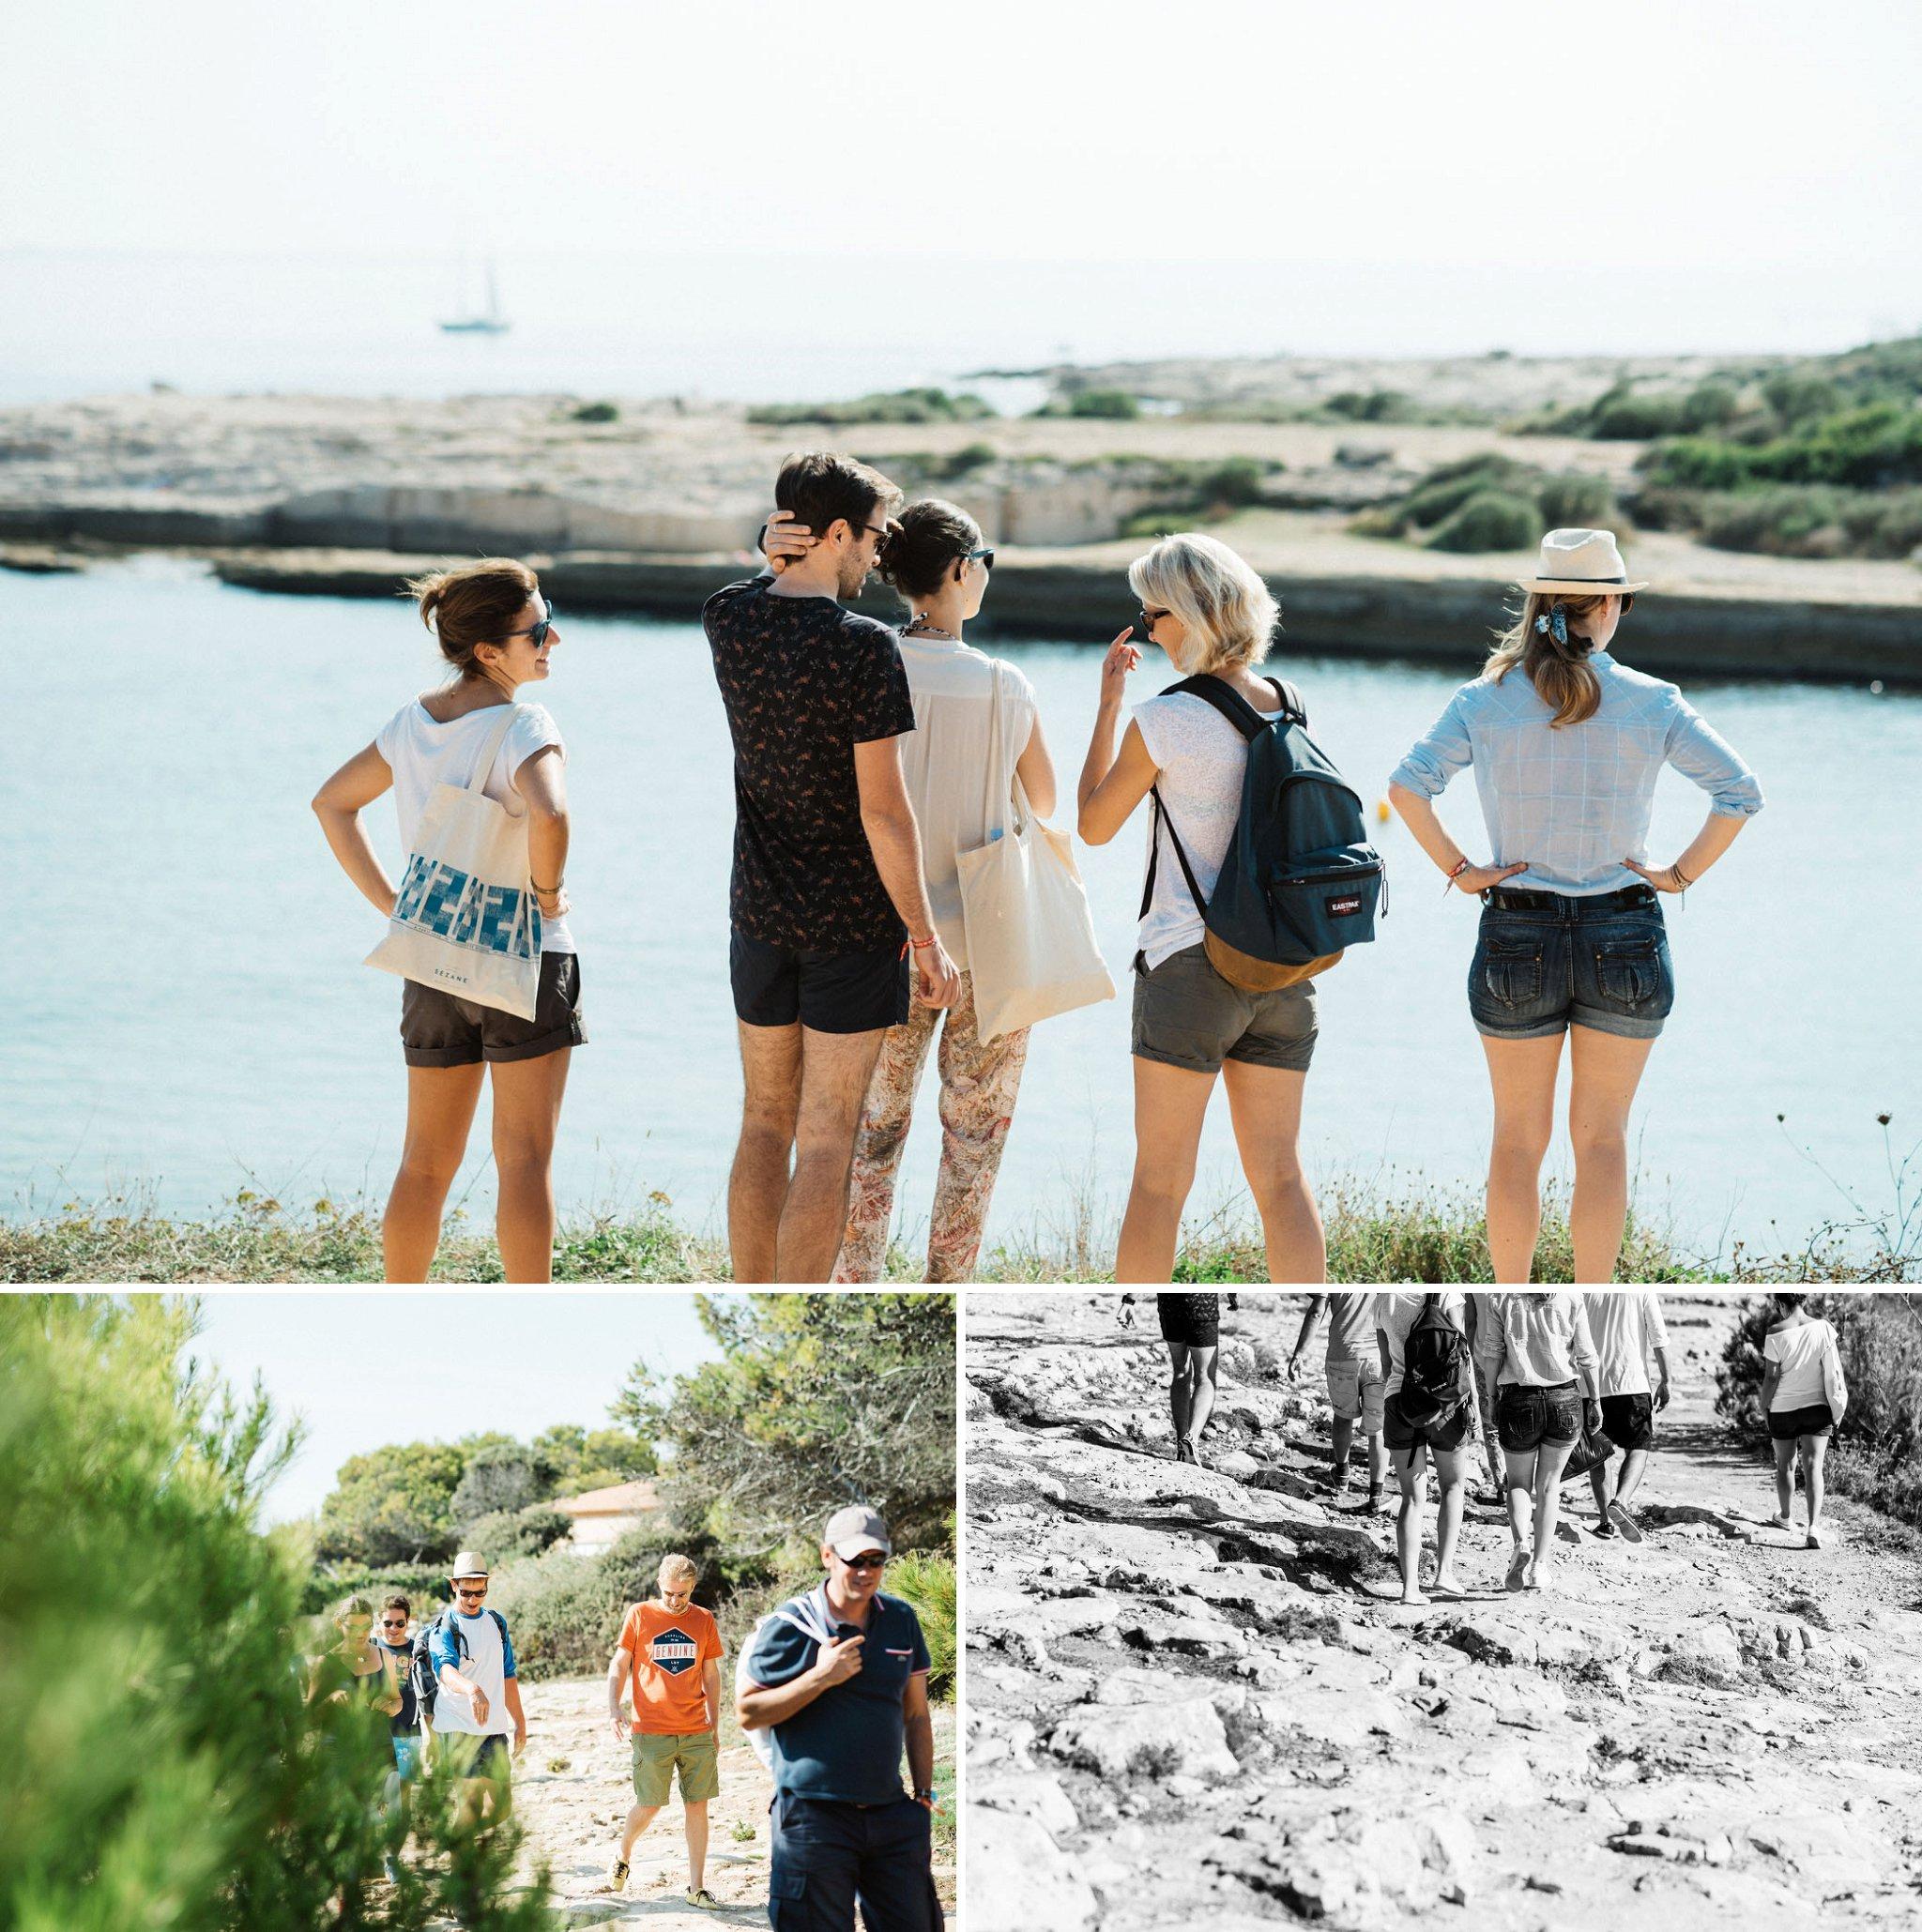 mariage-amis-provence-mediterranee-plage-convivial (1)